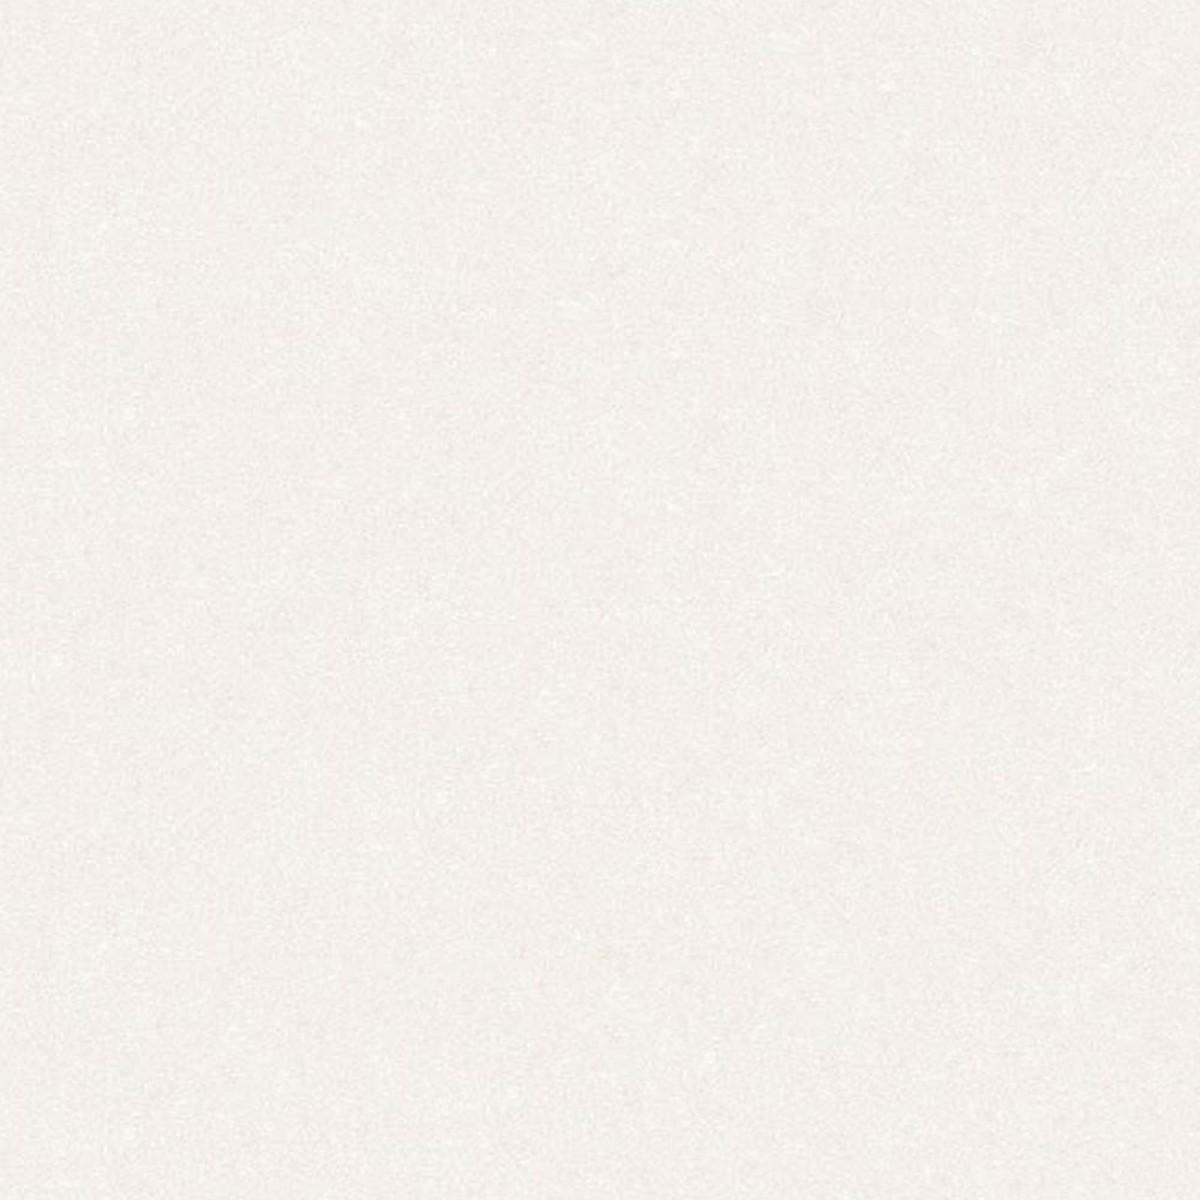 Обои виниловые Gaenari белые 1.06 м 81129-1